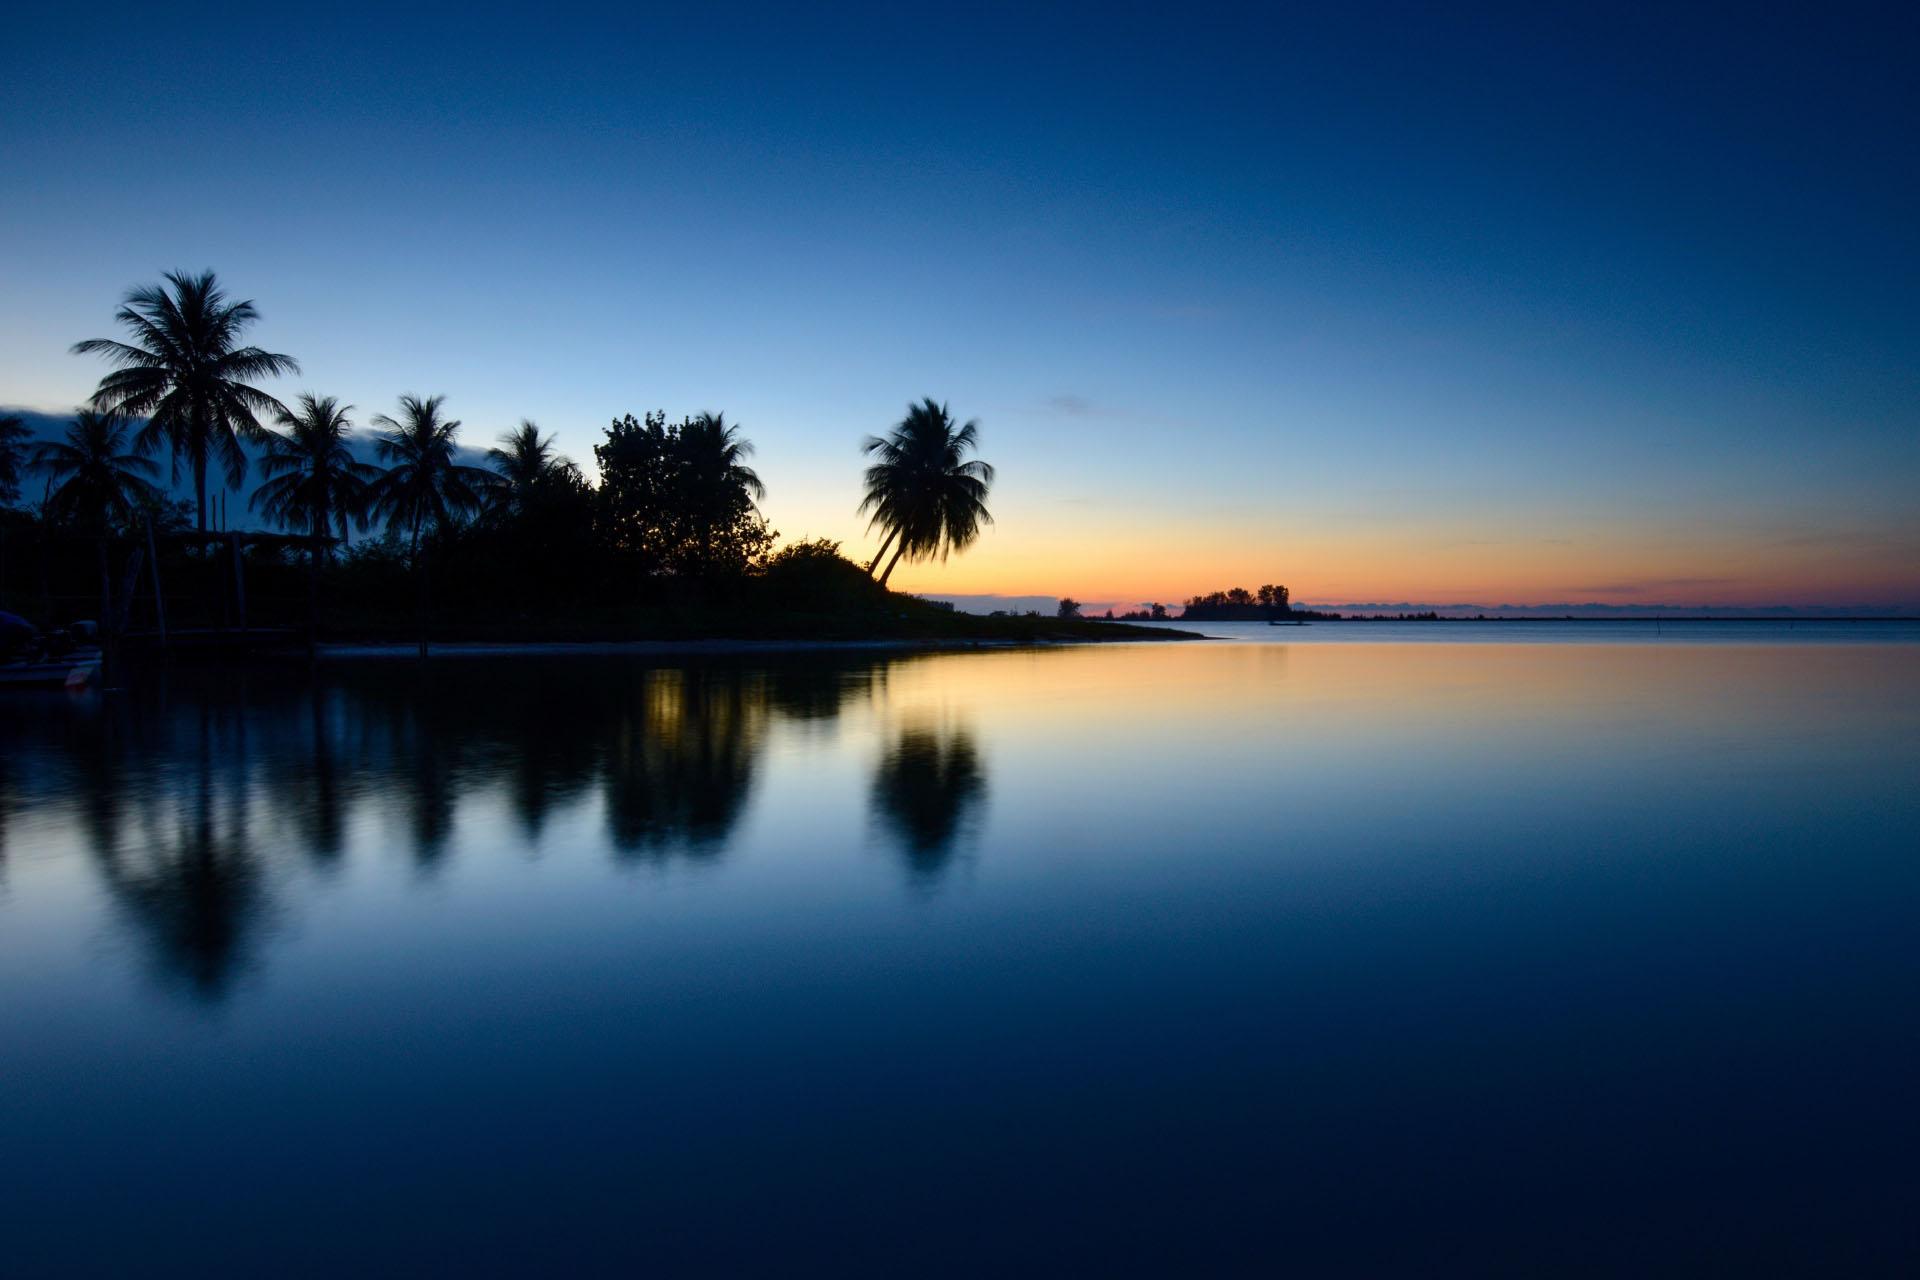 トゥンパトの朝のビーチの風景 マレーシアの風景